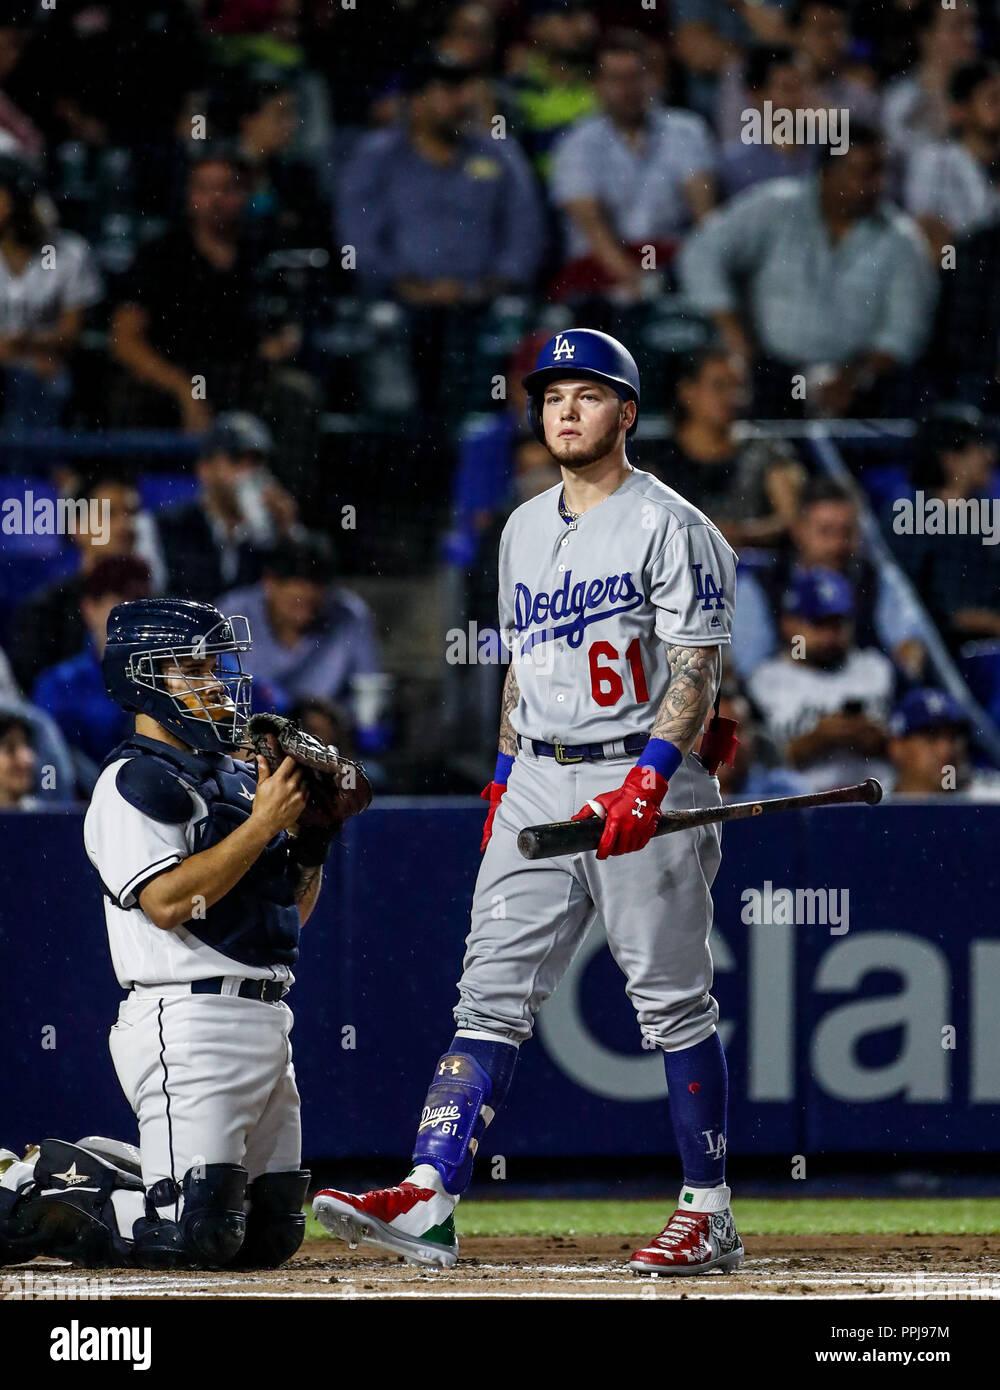 Alex Verdugo de los Dodgers, durante el partido de beisbol de los Dodgers de Los Angeles contra Padres de San Diego, durante el primer juego de la ser - Stock Image